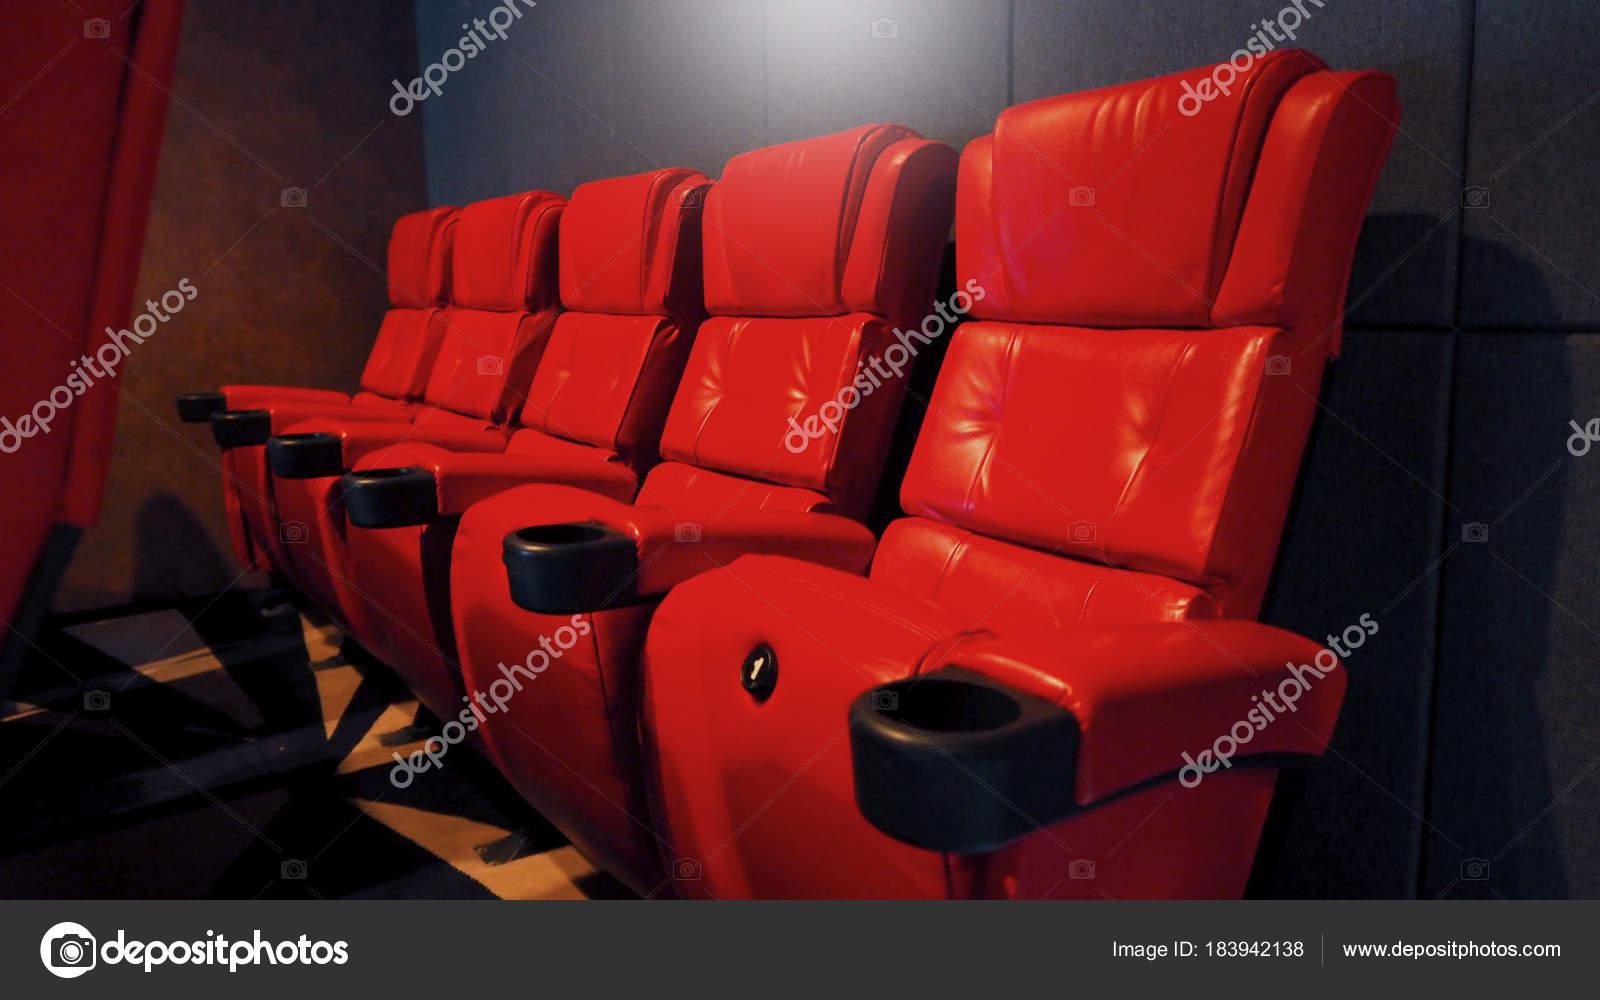 Rode Fauteuil Leer.Leer Kleur Stoel Rode Stockfoto Bioscoop Stoelen Cinema Tdsrhq